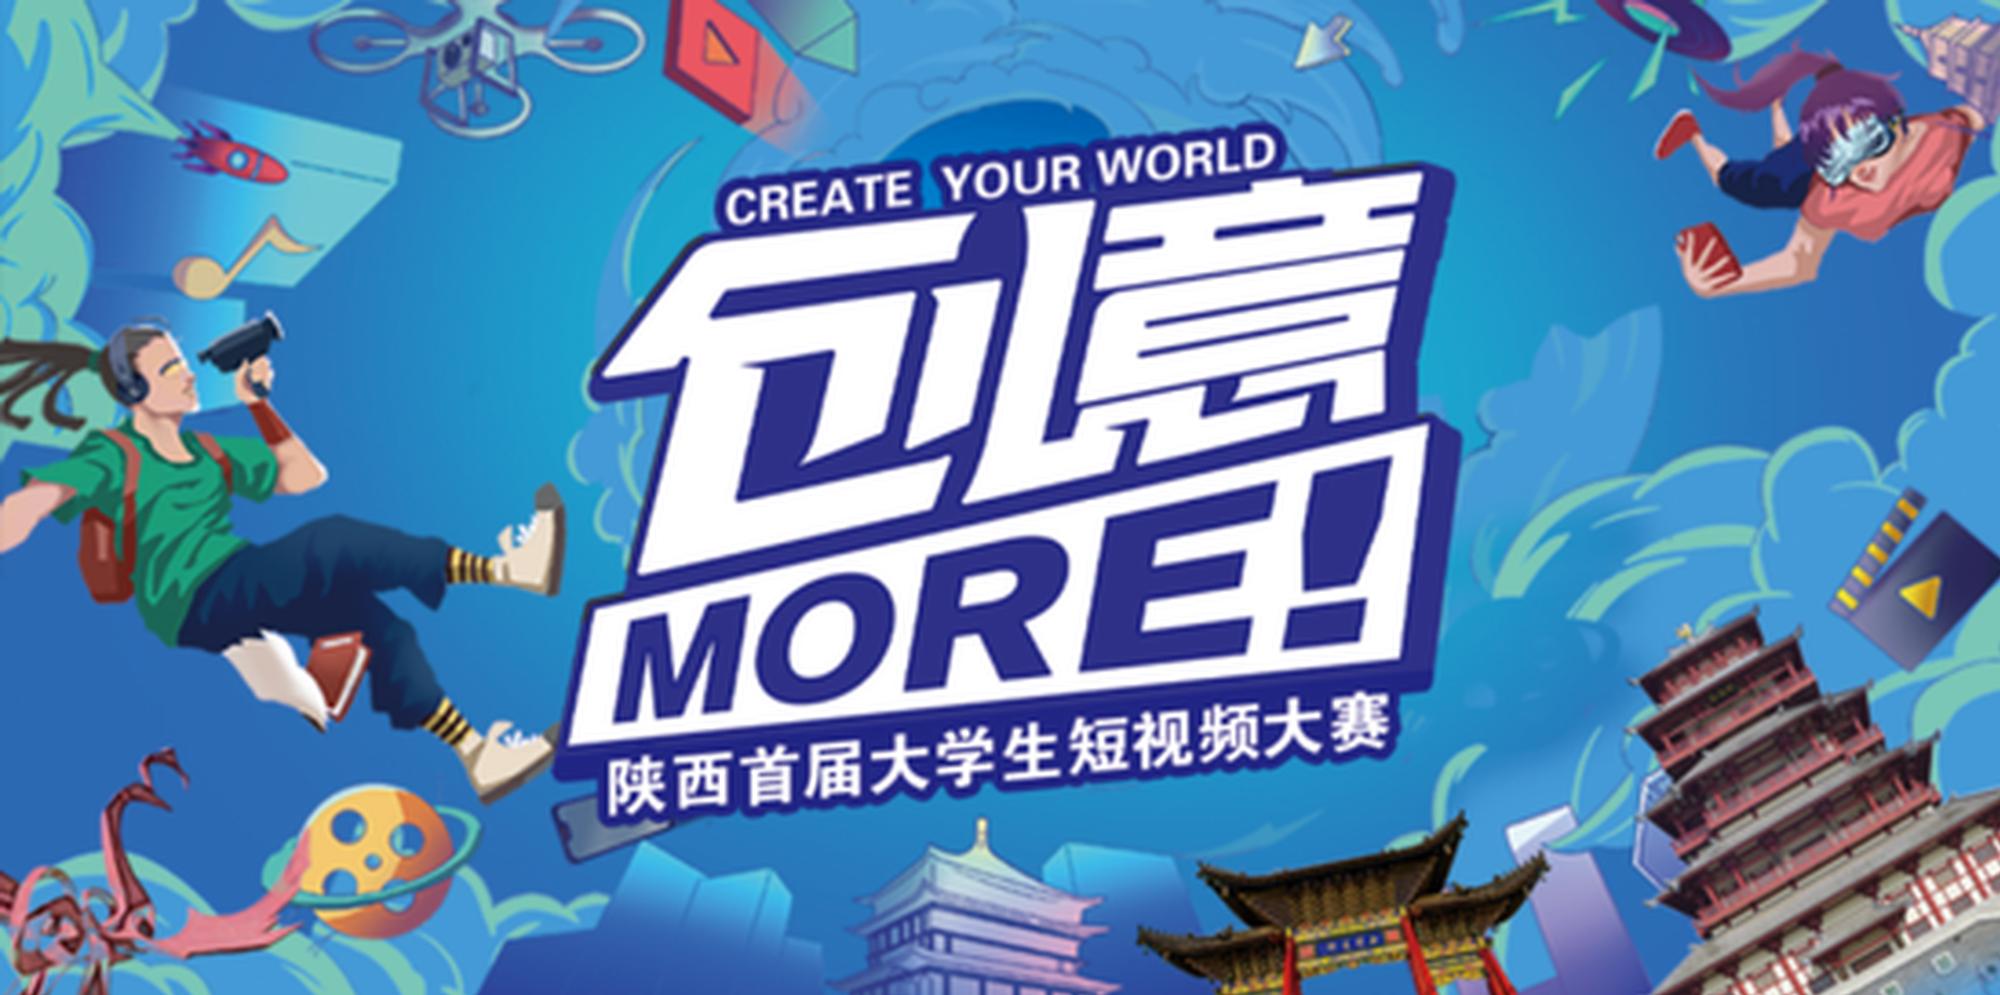 创意MORE·专访陕西省美术家协会主席、西安美术学院院长郭线庐、影视动画系主任史纲